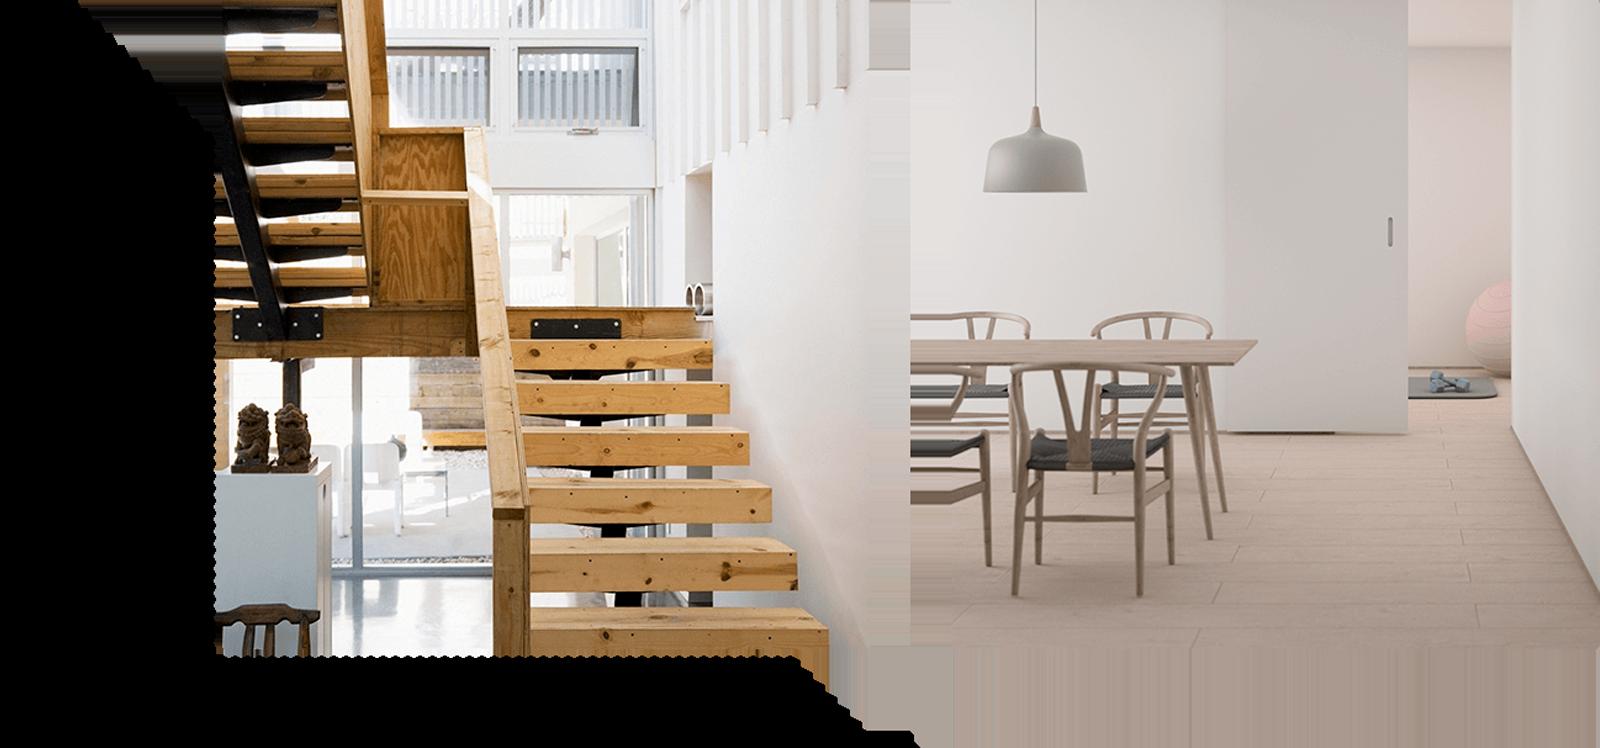 inds-architecture-interieur-accueil-salon